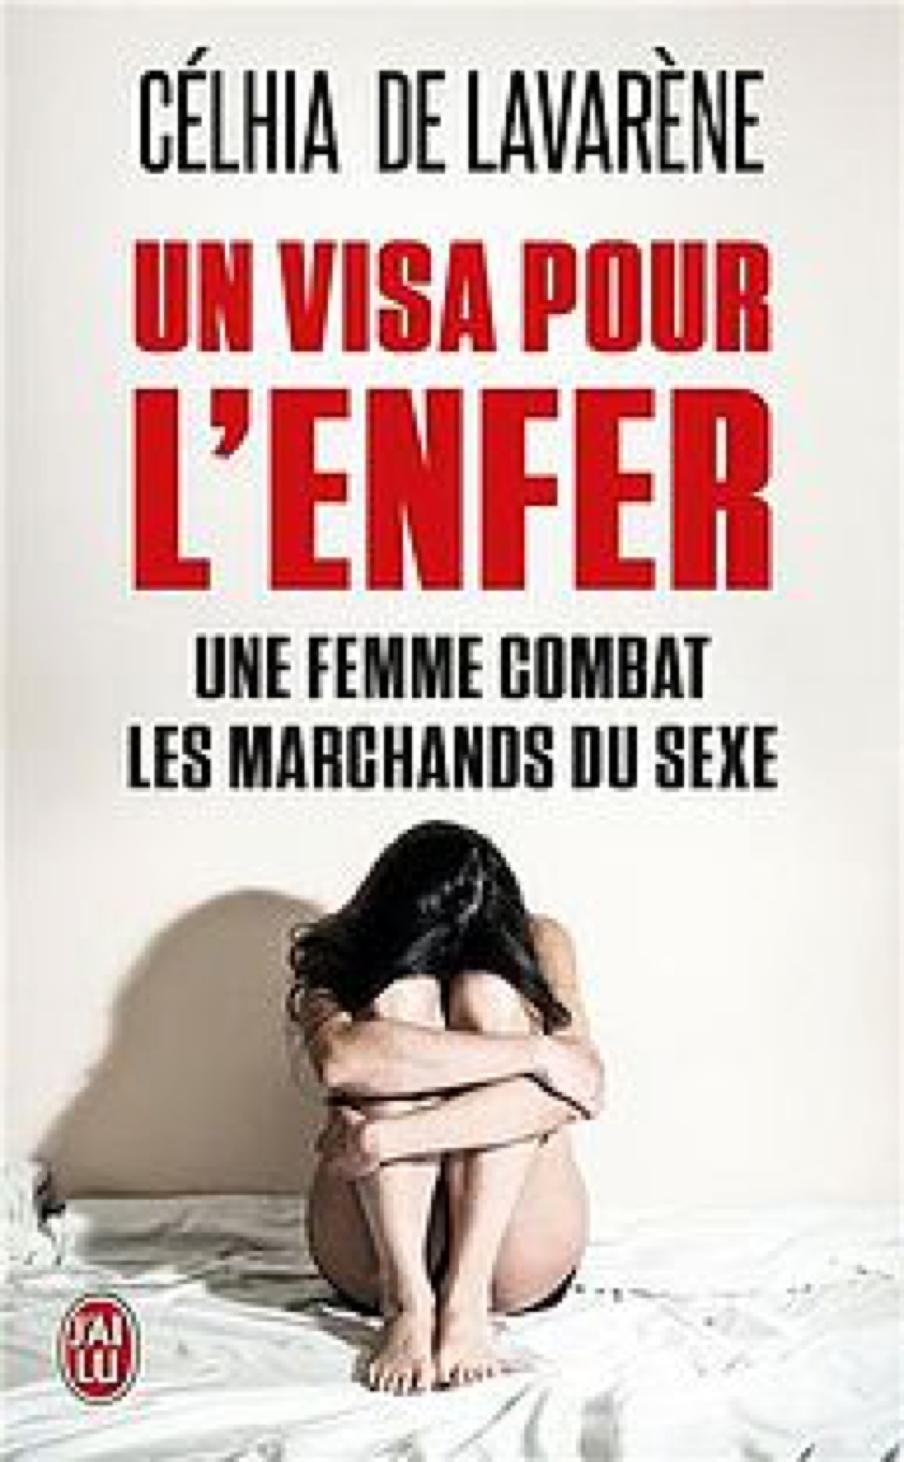 Un visa pour l'enfer - Célhia de Lavarène